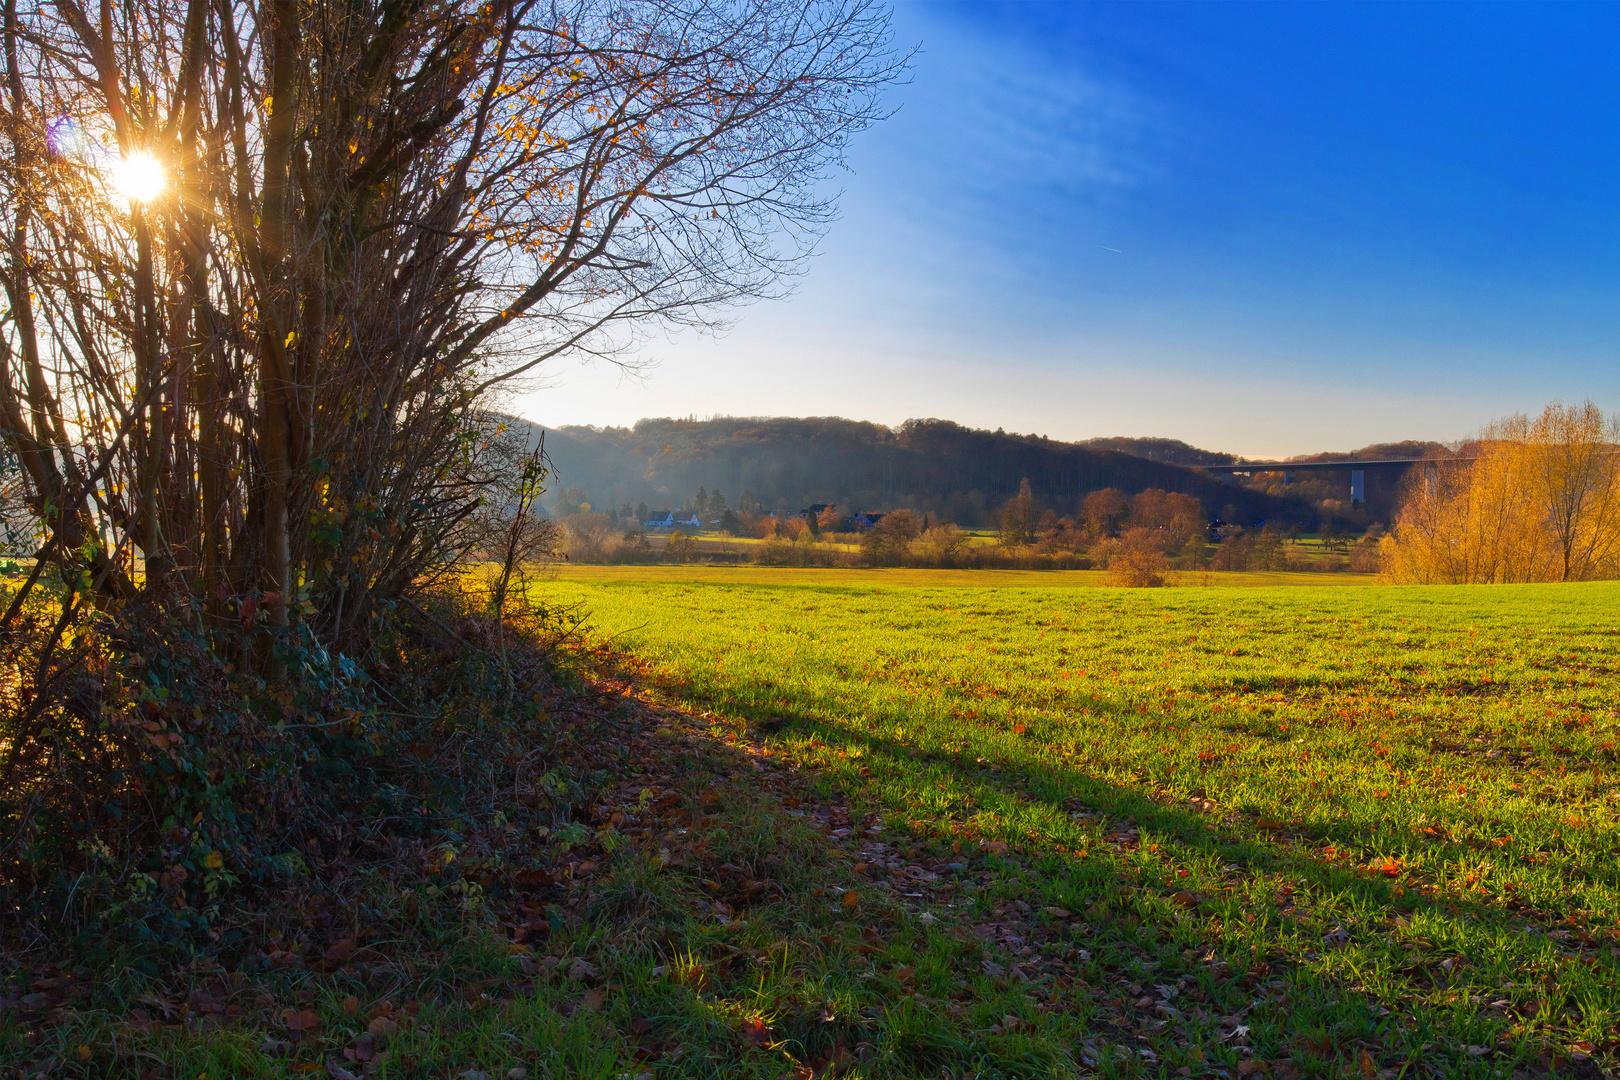 Herbst im Ruhrtal mit Blick auf Mintard